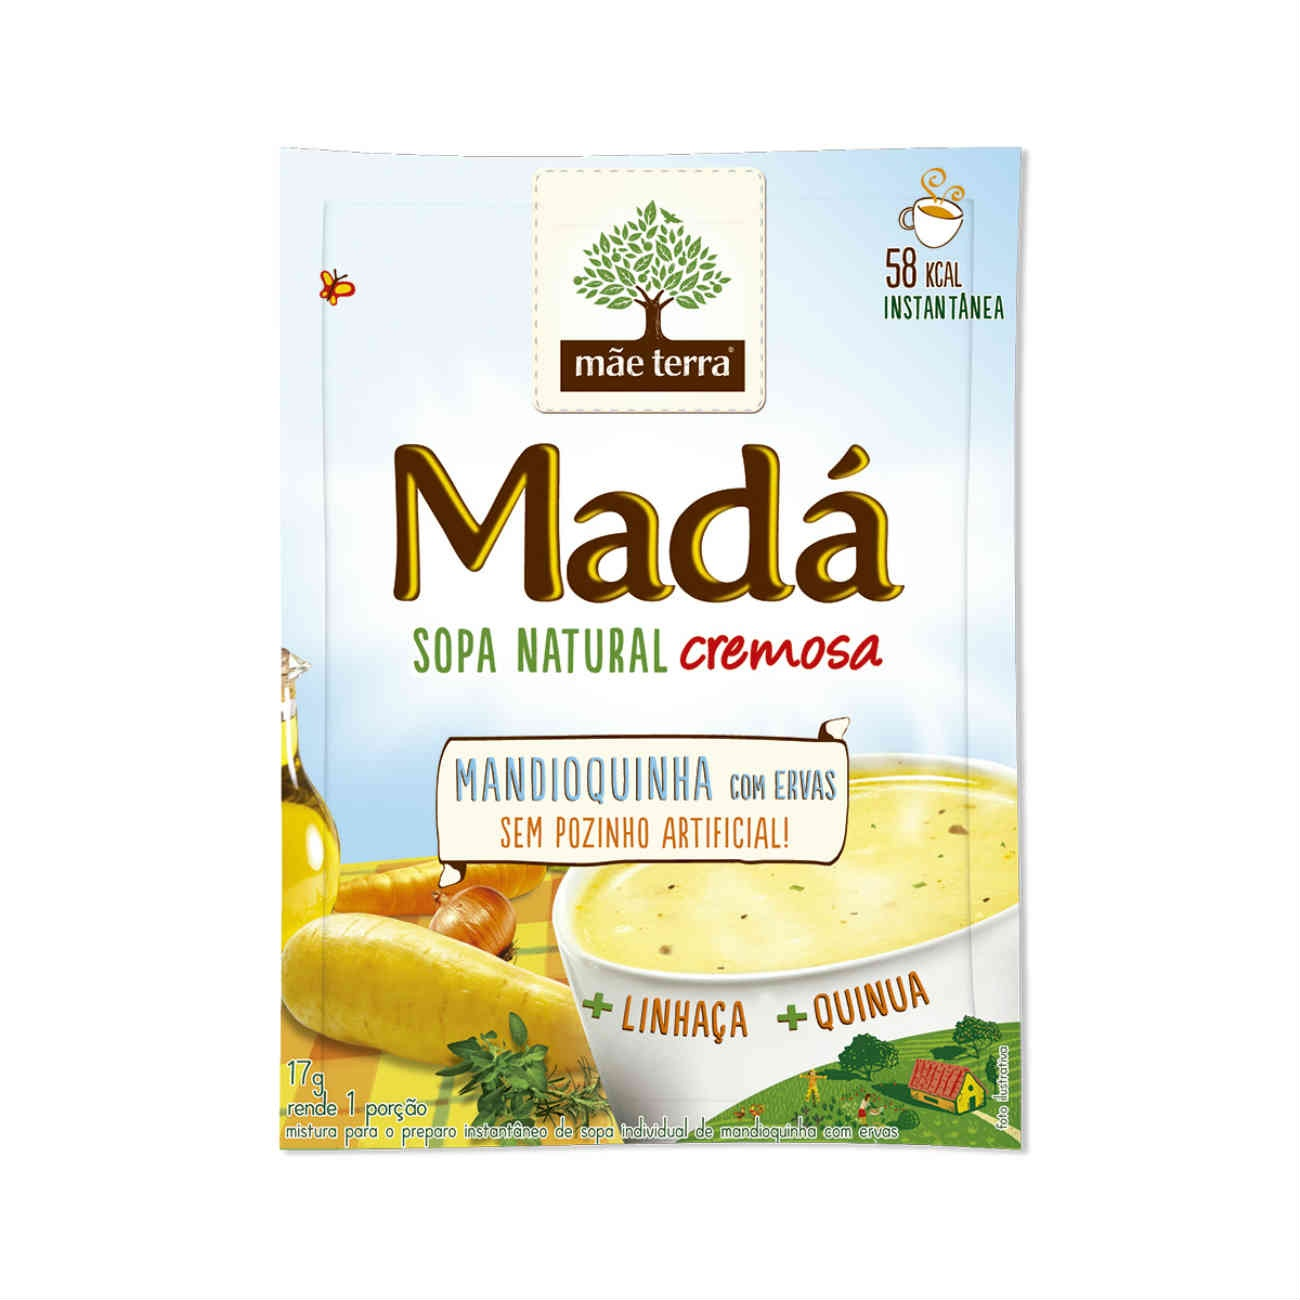 Sopa instant�nea Natural M�e Terra Mad� Mandioquinha com Ervas 17g | Display